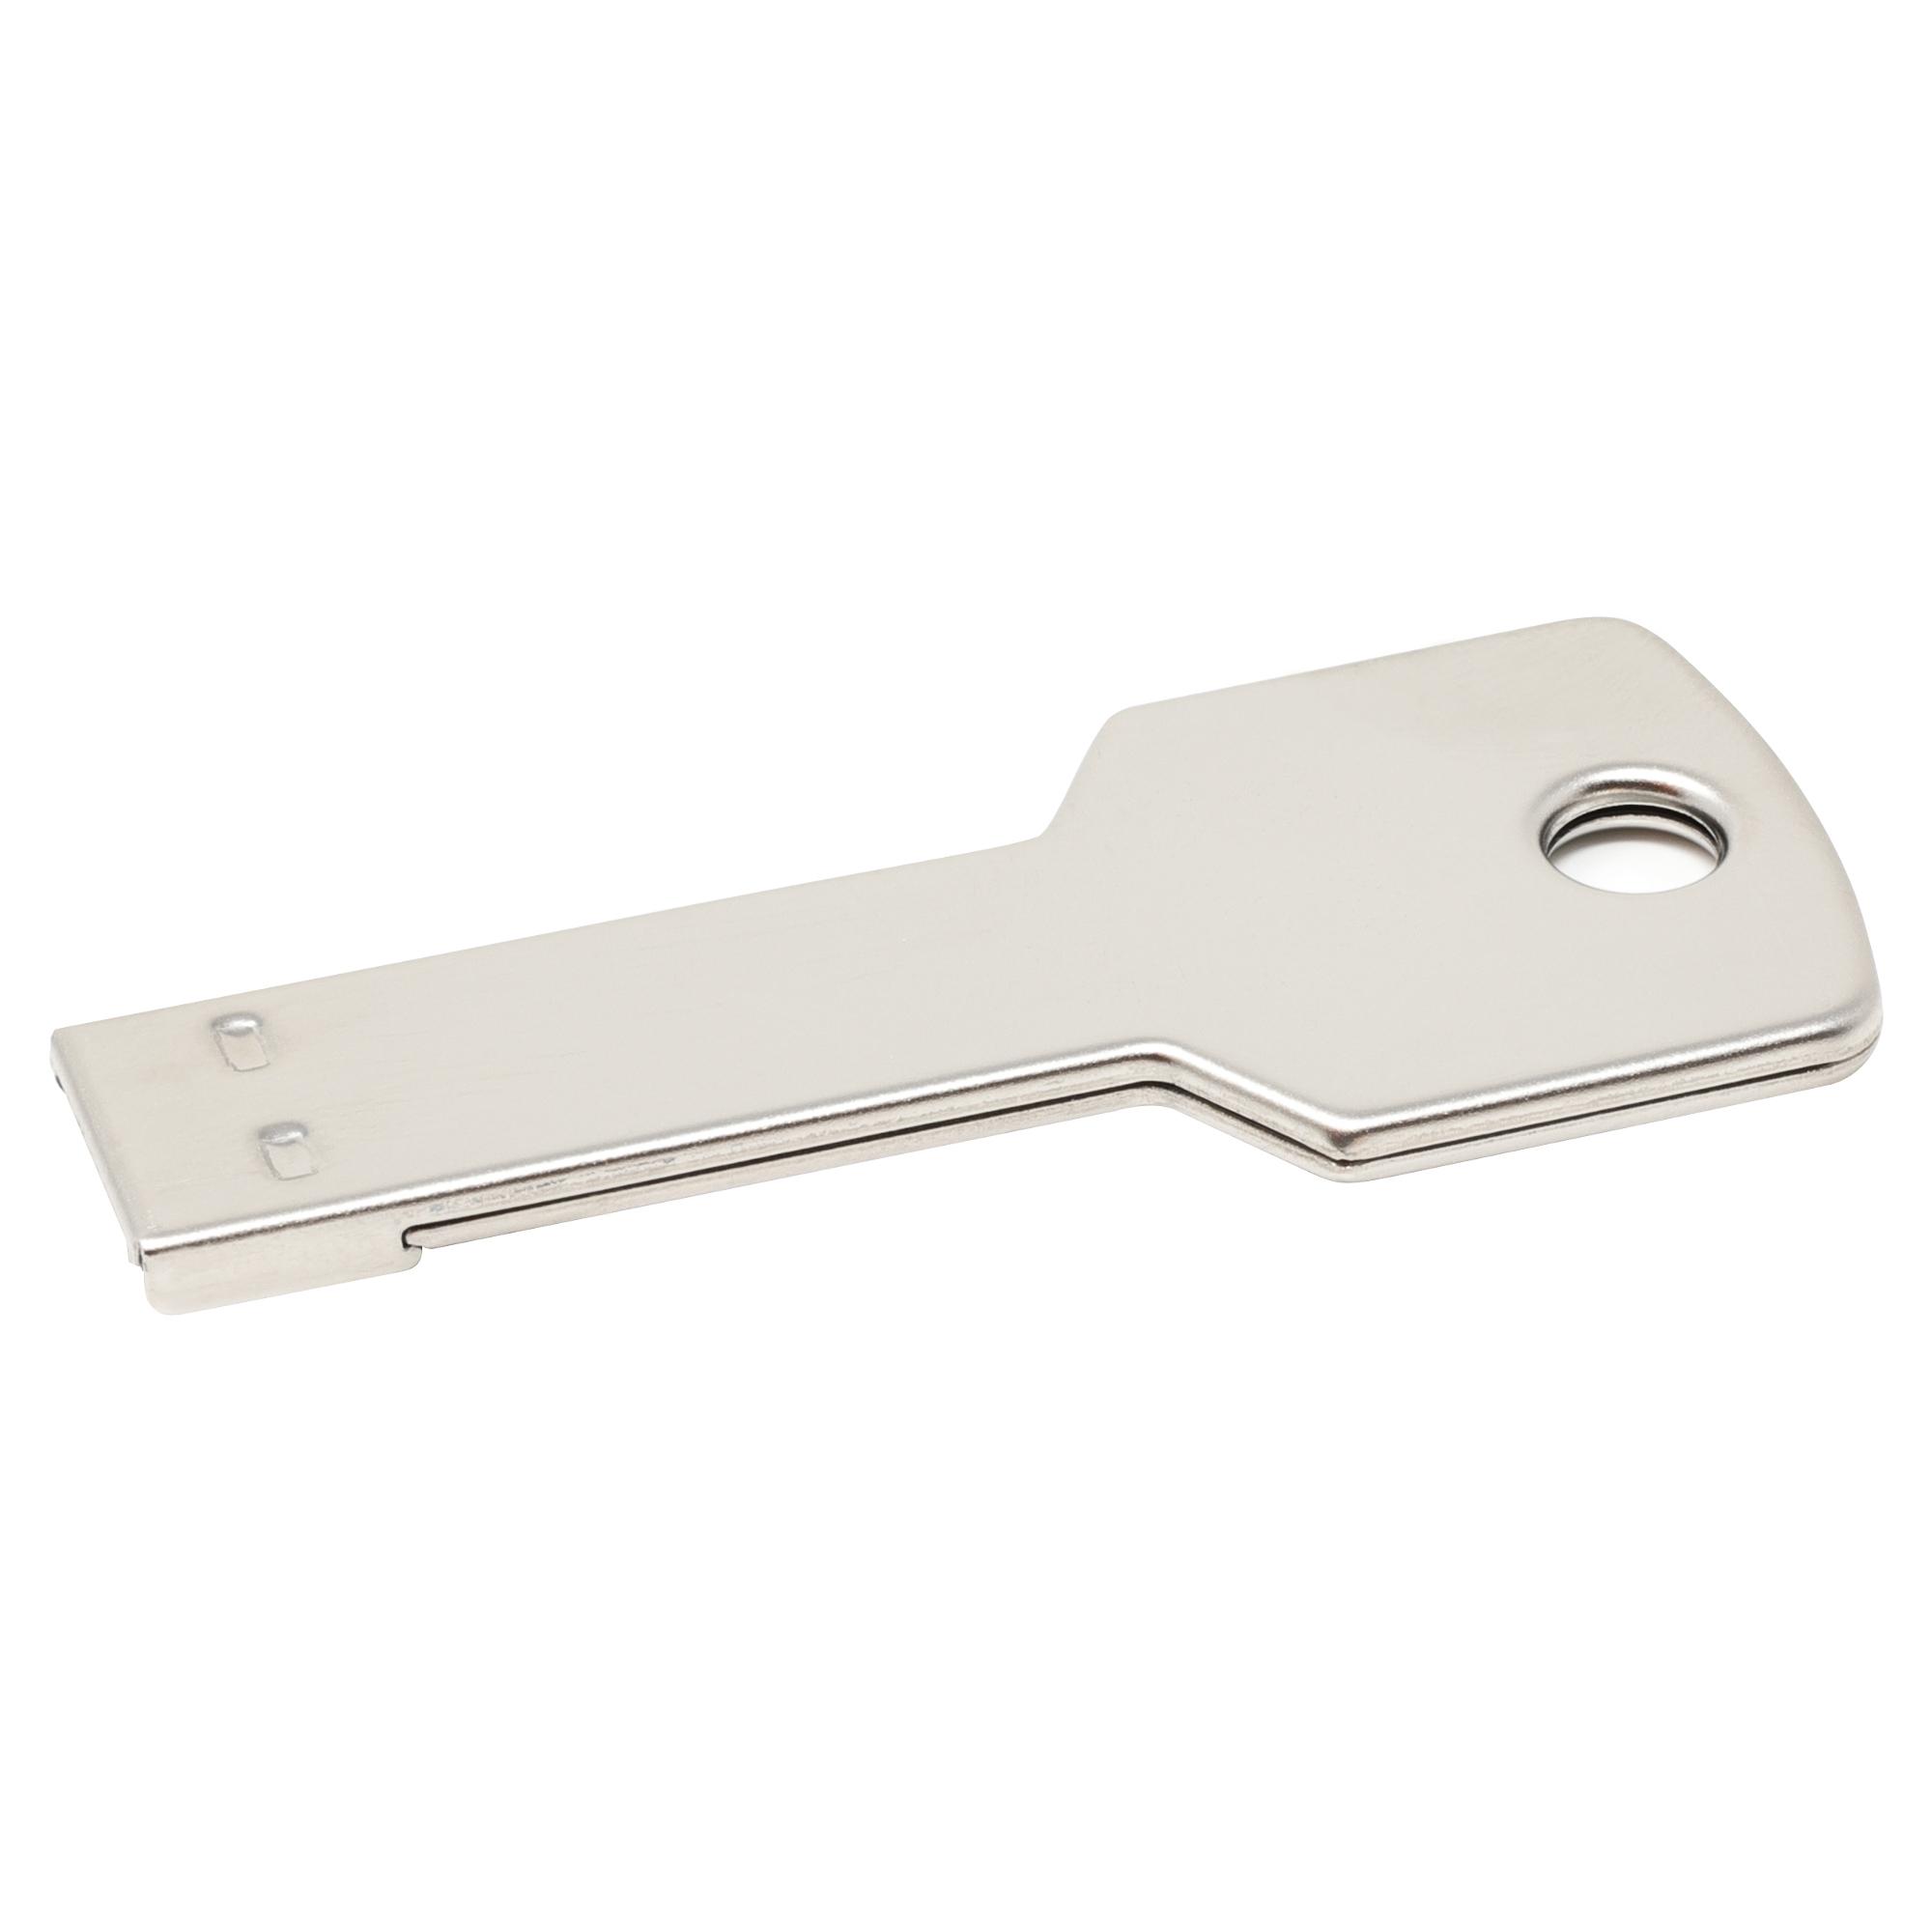 Memoria USB Key Color plateado capacidad 16 GB